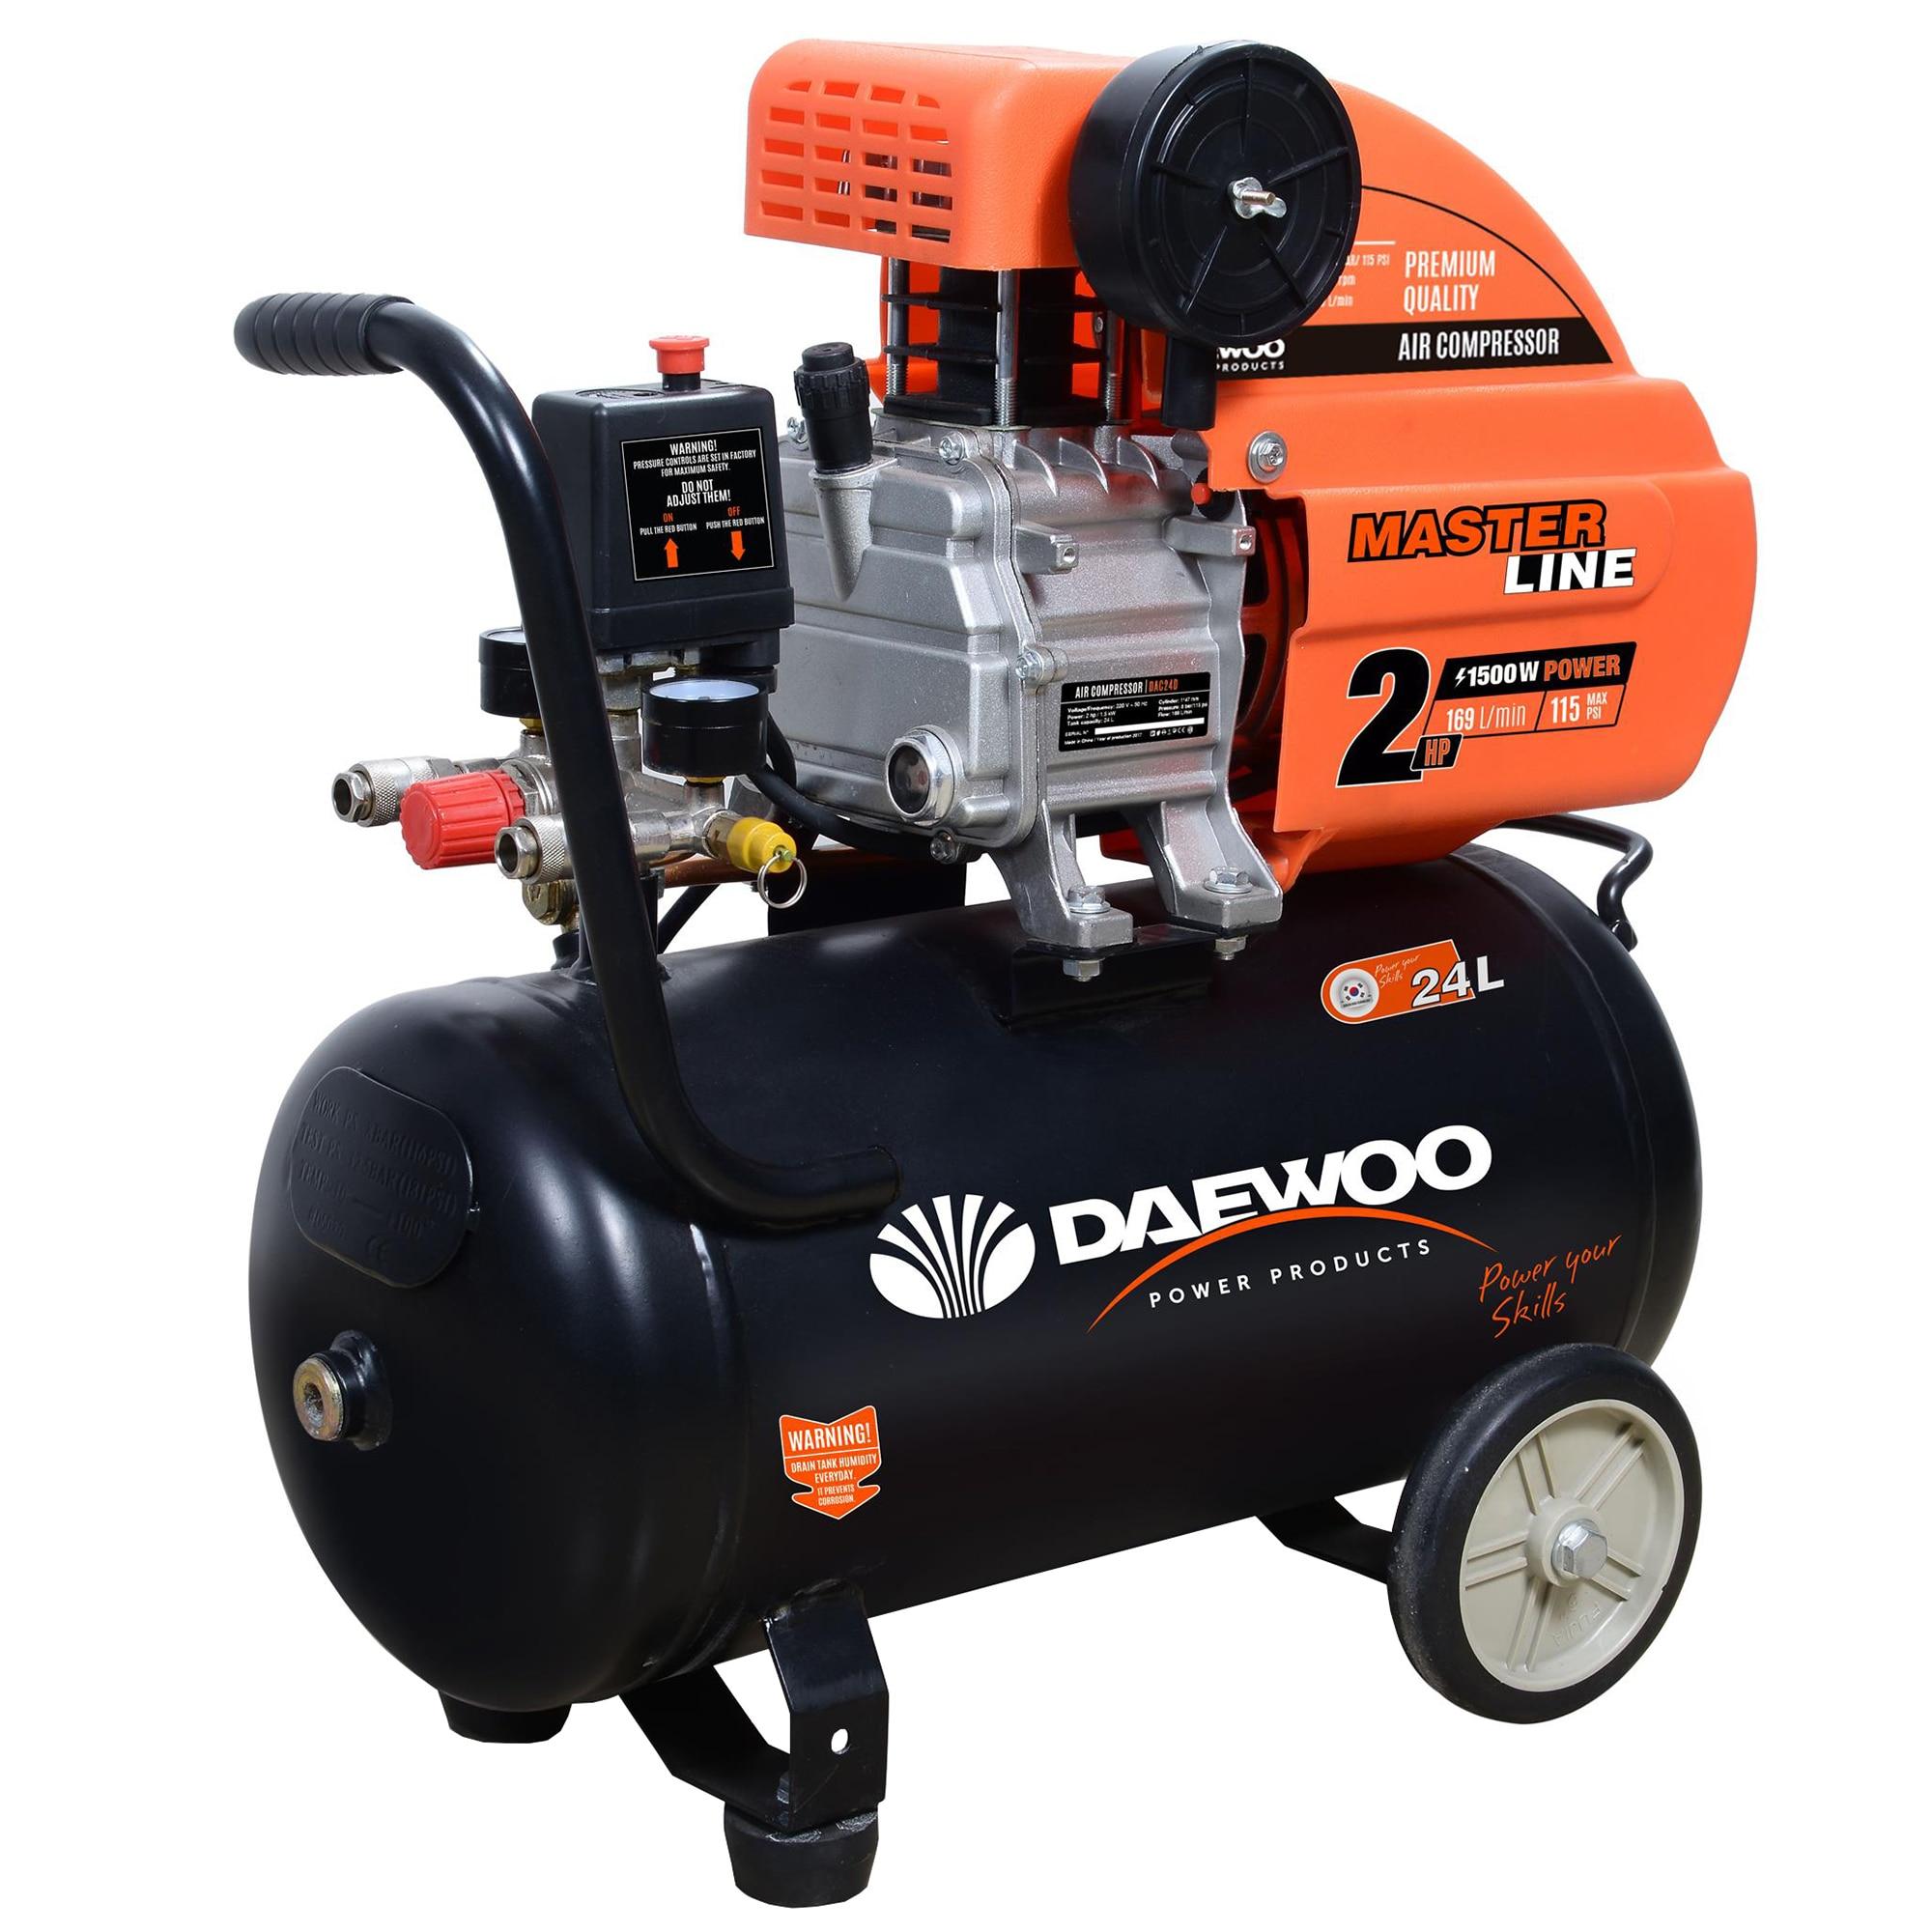 Fotografie Compresor aer Daewoo DAAC24D, 2CP, 1500 W, 24 l capacitate rezervor, 169 l/min , 8 bar presiune lucru